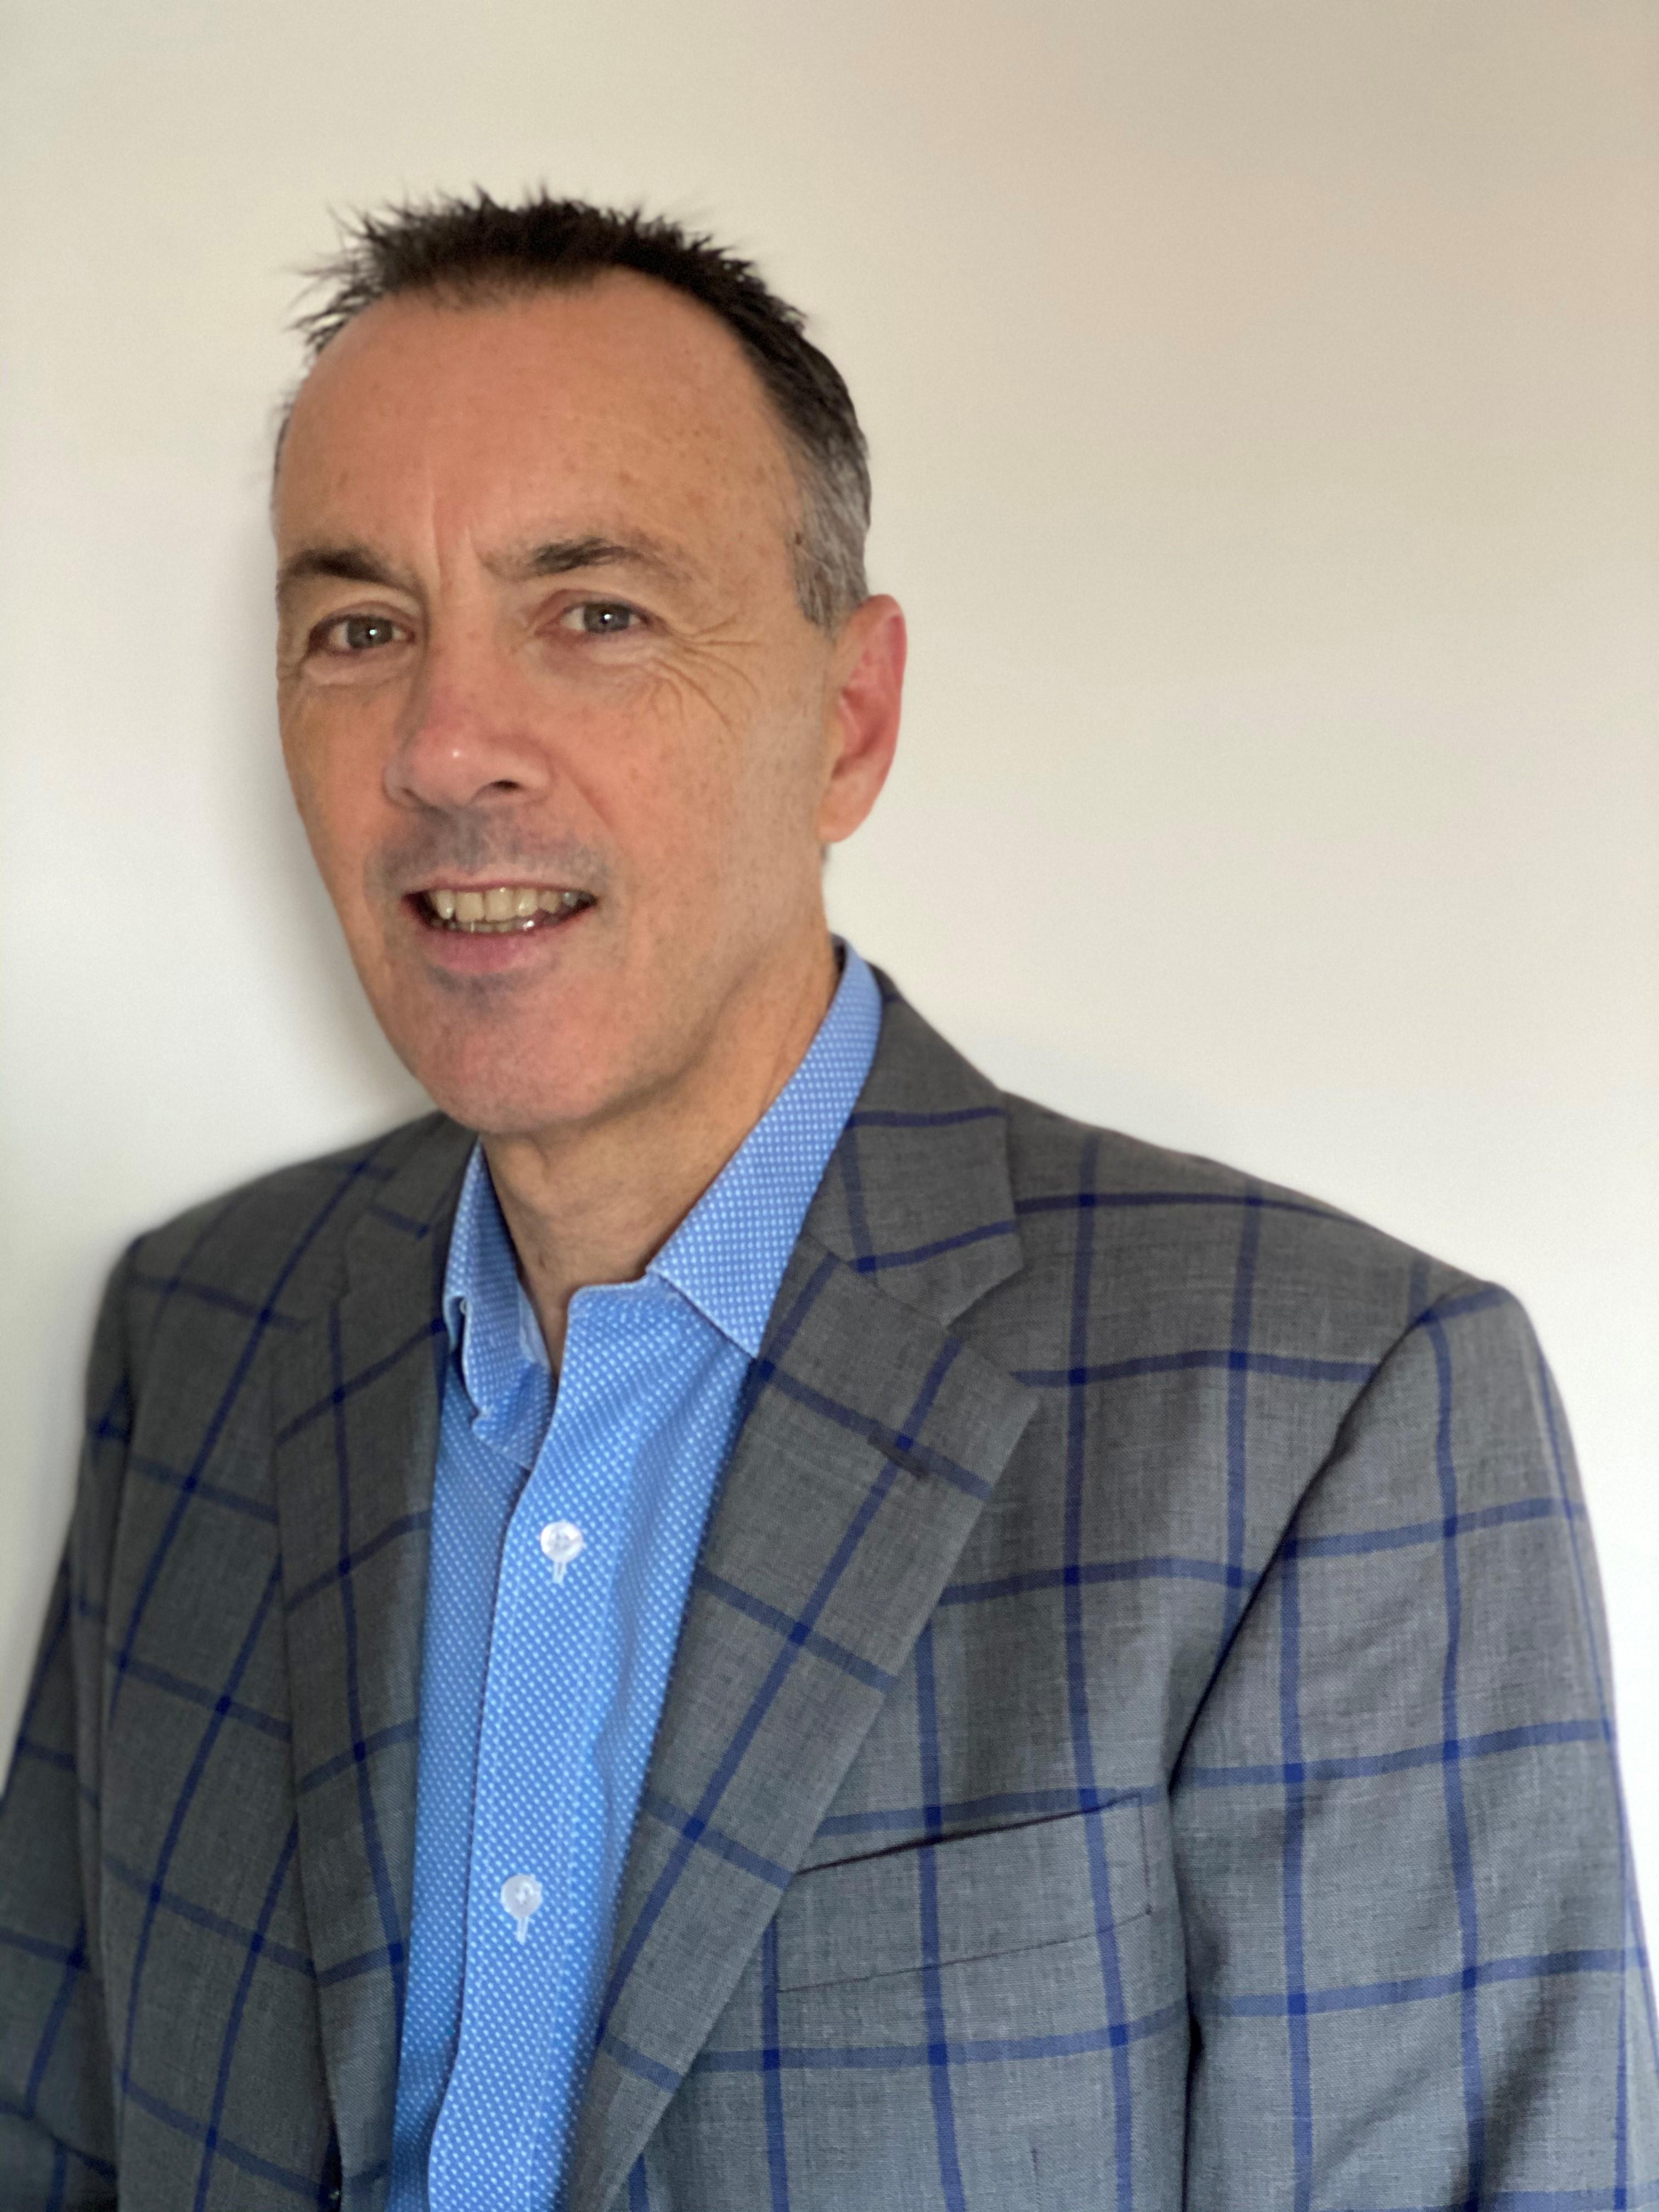 Peter Baxendale Modulr